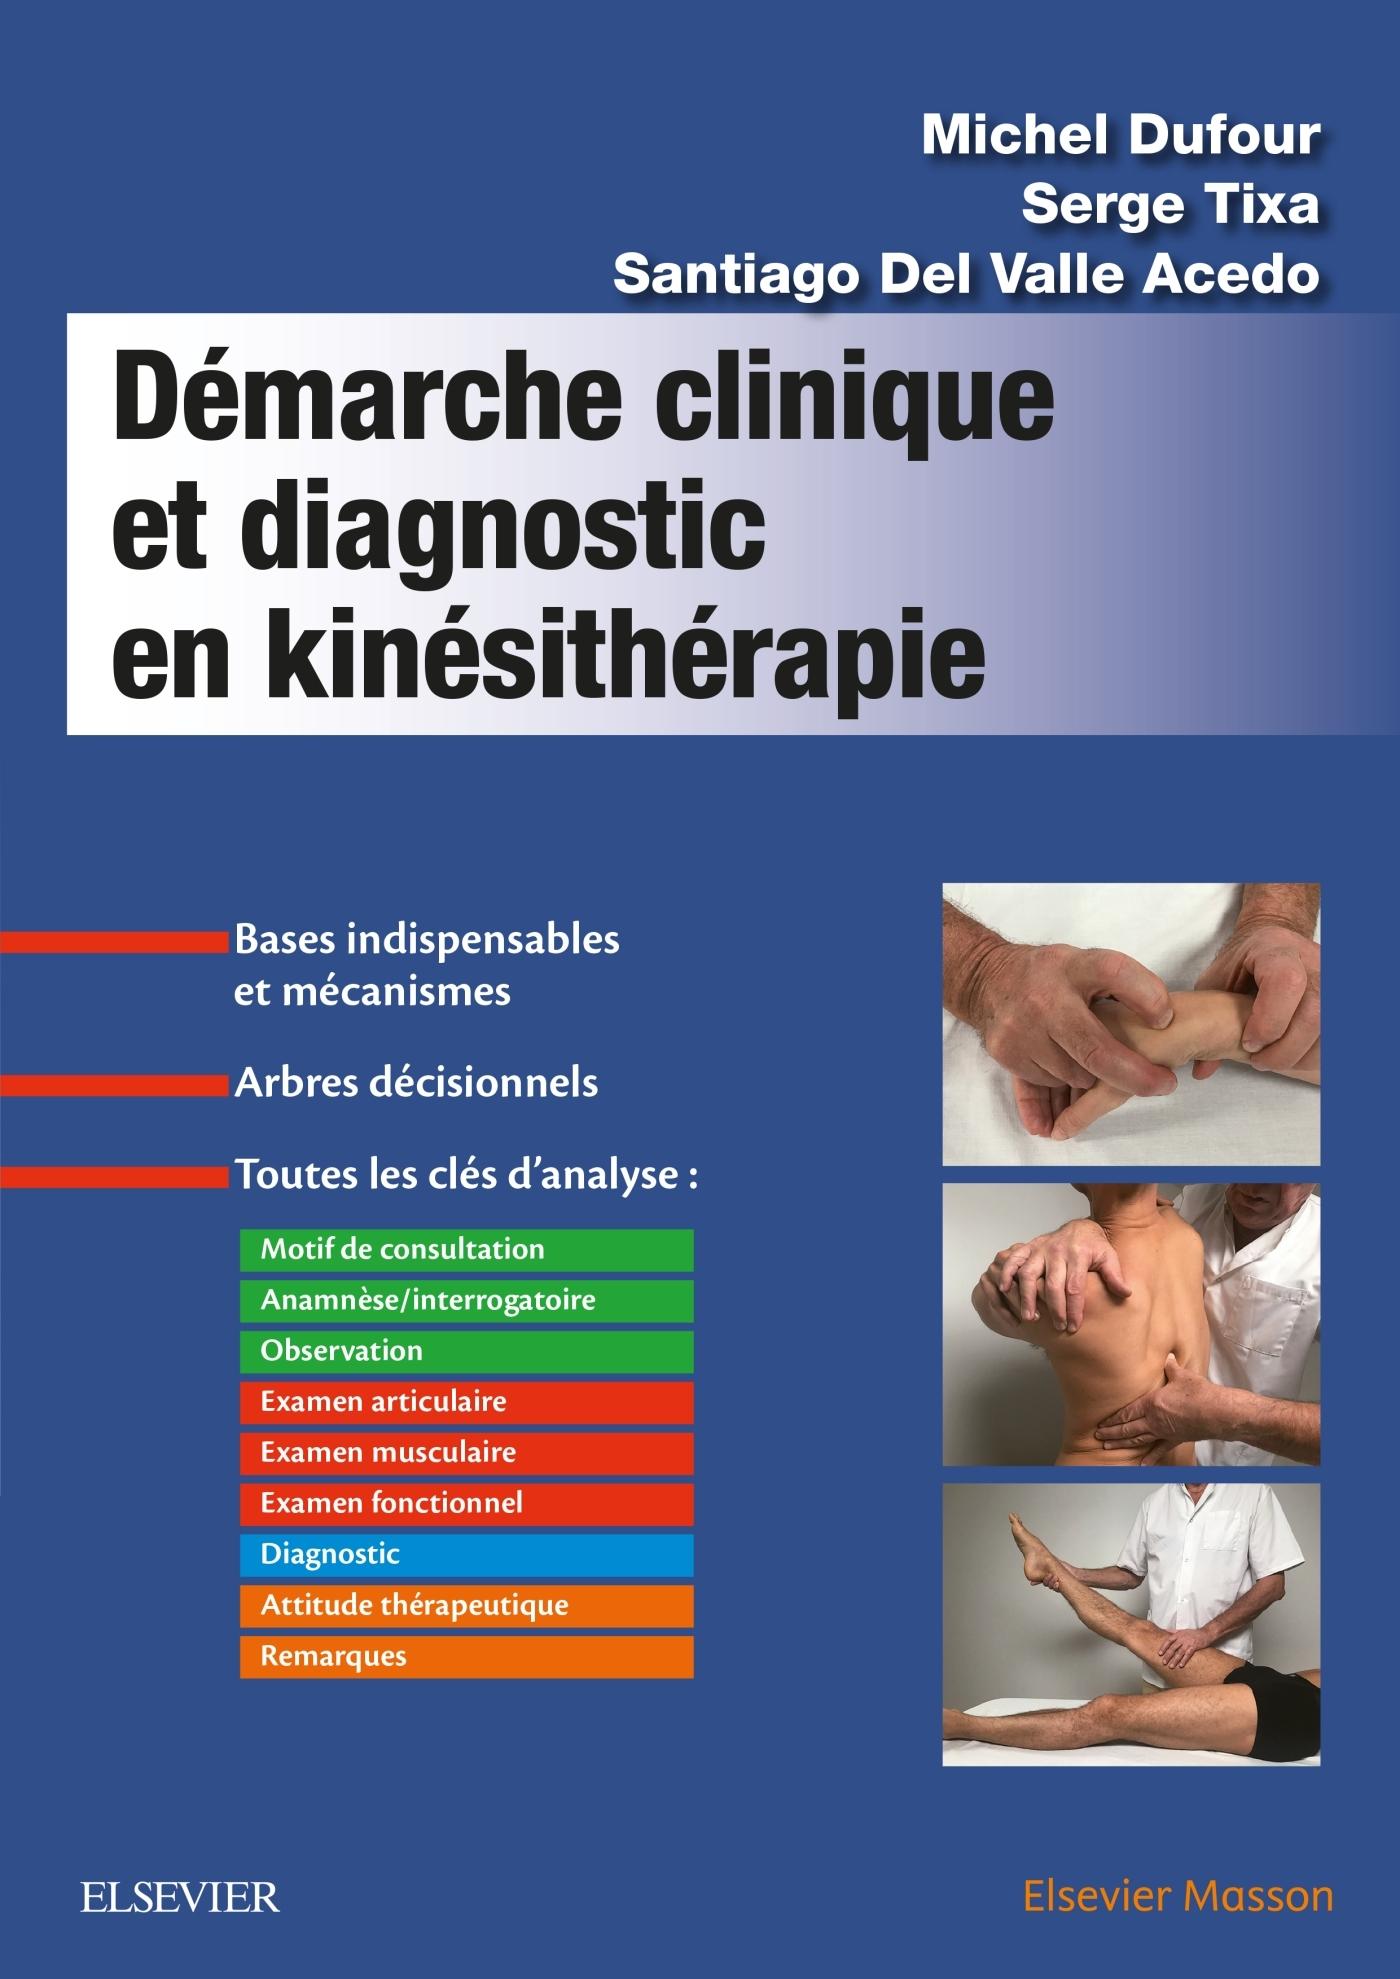 DEMARCHE CLINIQUE ET DIAGNOSTIC EN KINESITHERAPIE